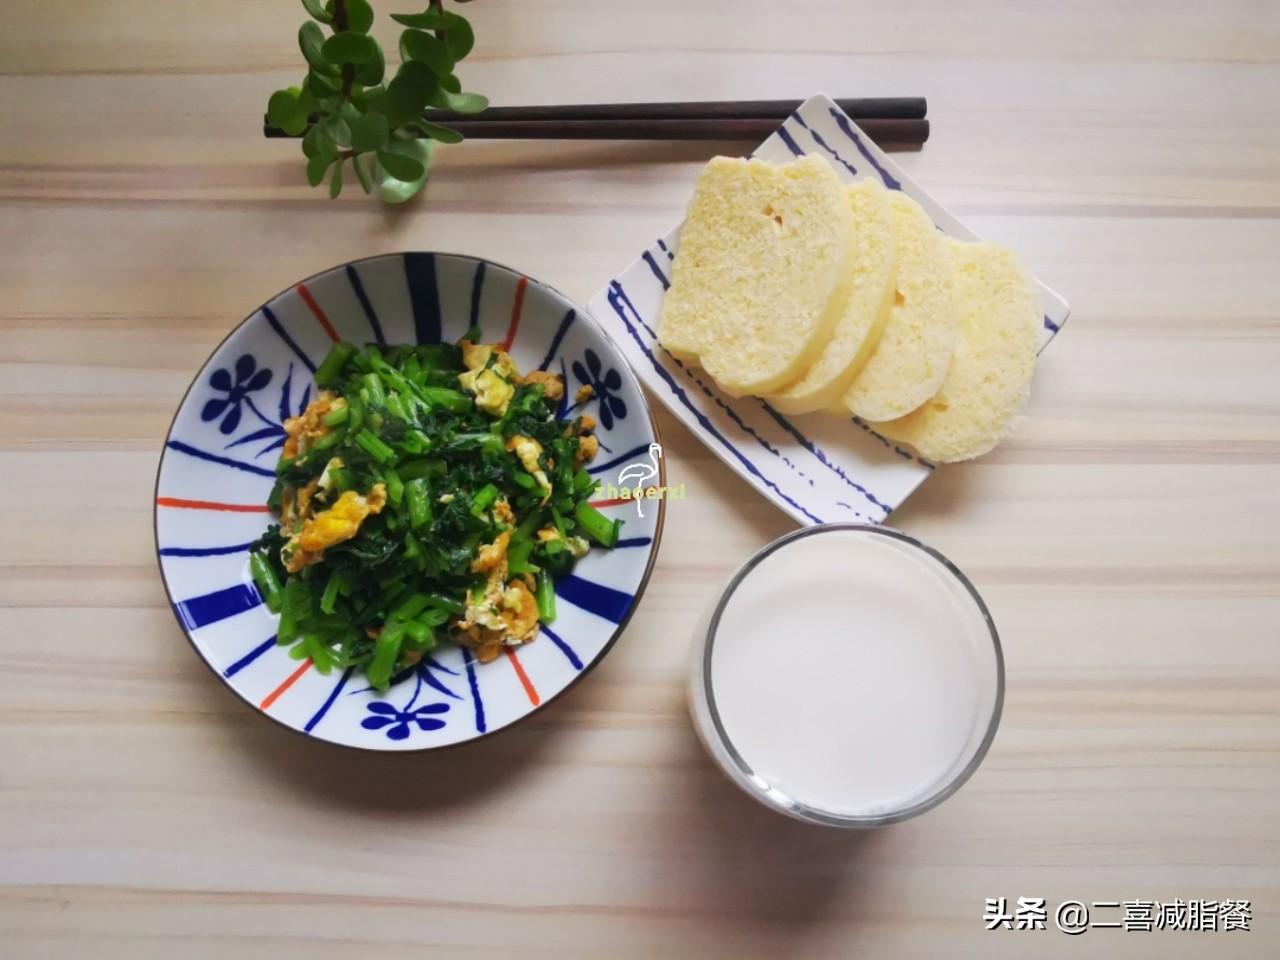 营养师7天的减脂早餐 减肥菜谱 第3张